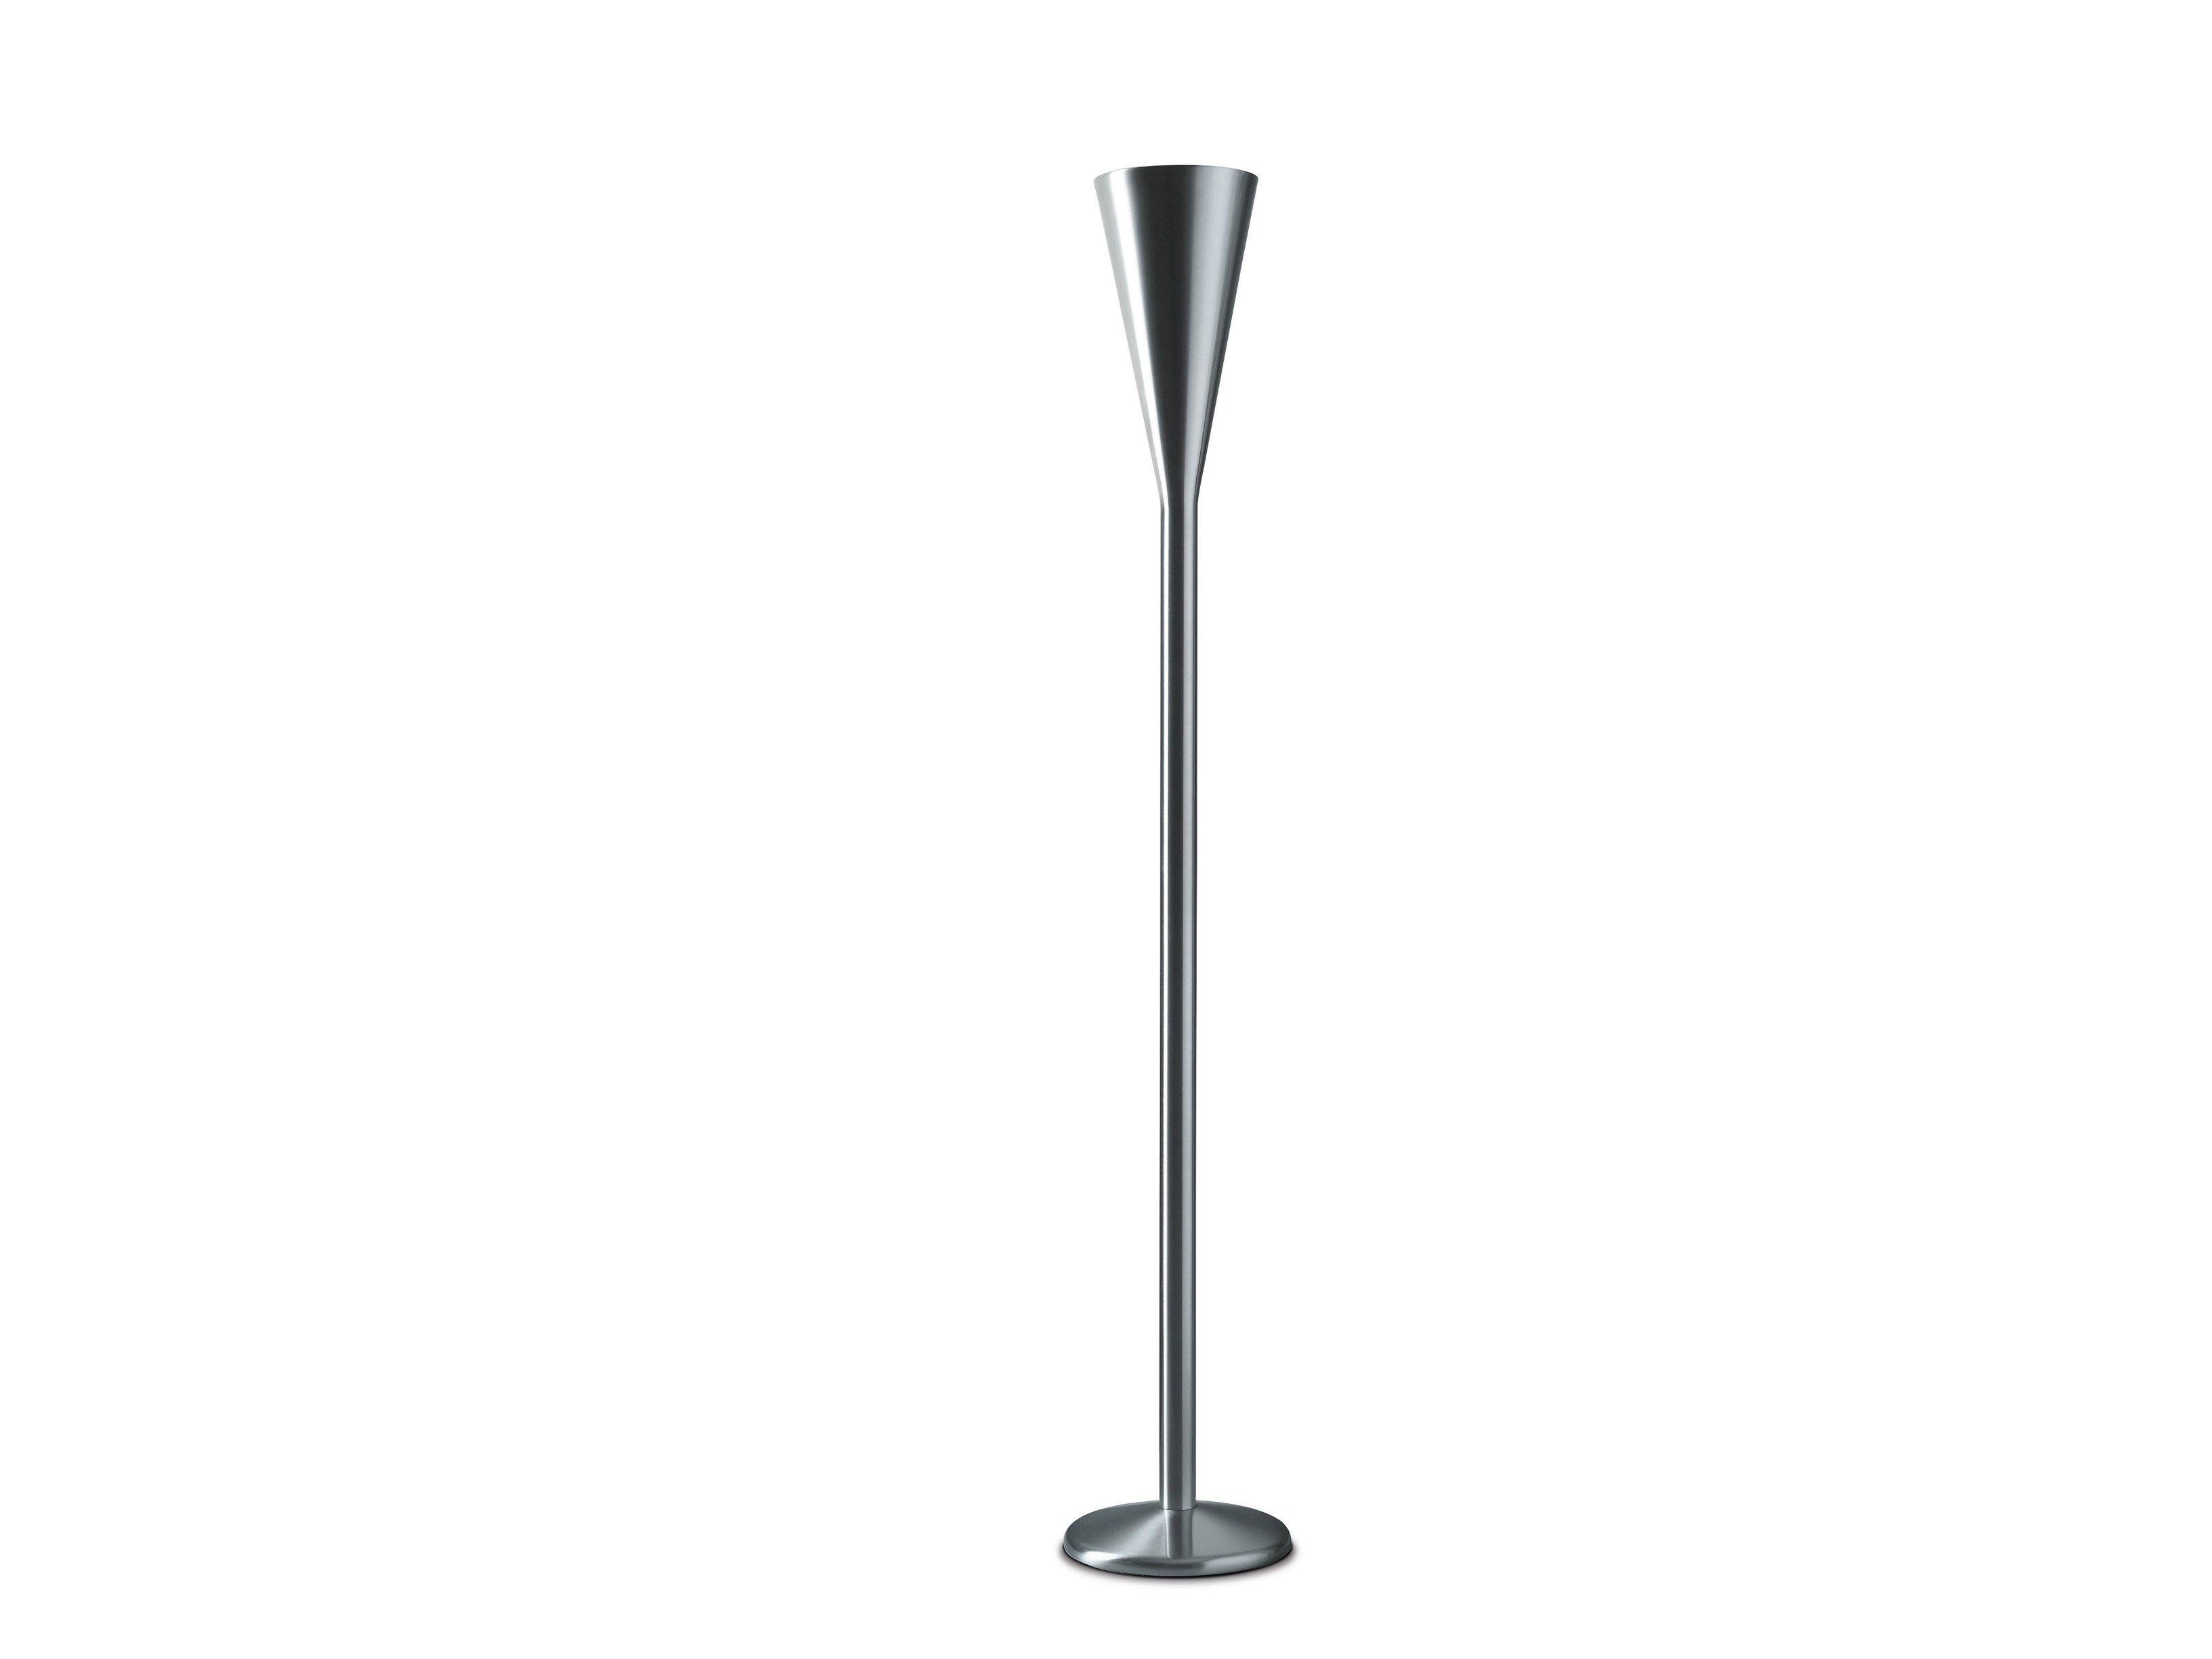 Lampada da terra a luce indiretta con dimmer luminator by for Lampada luminator